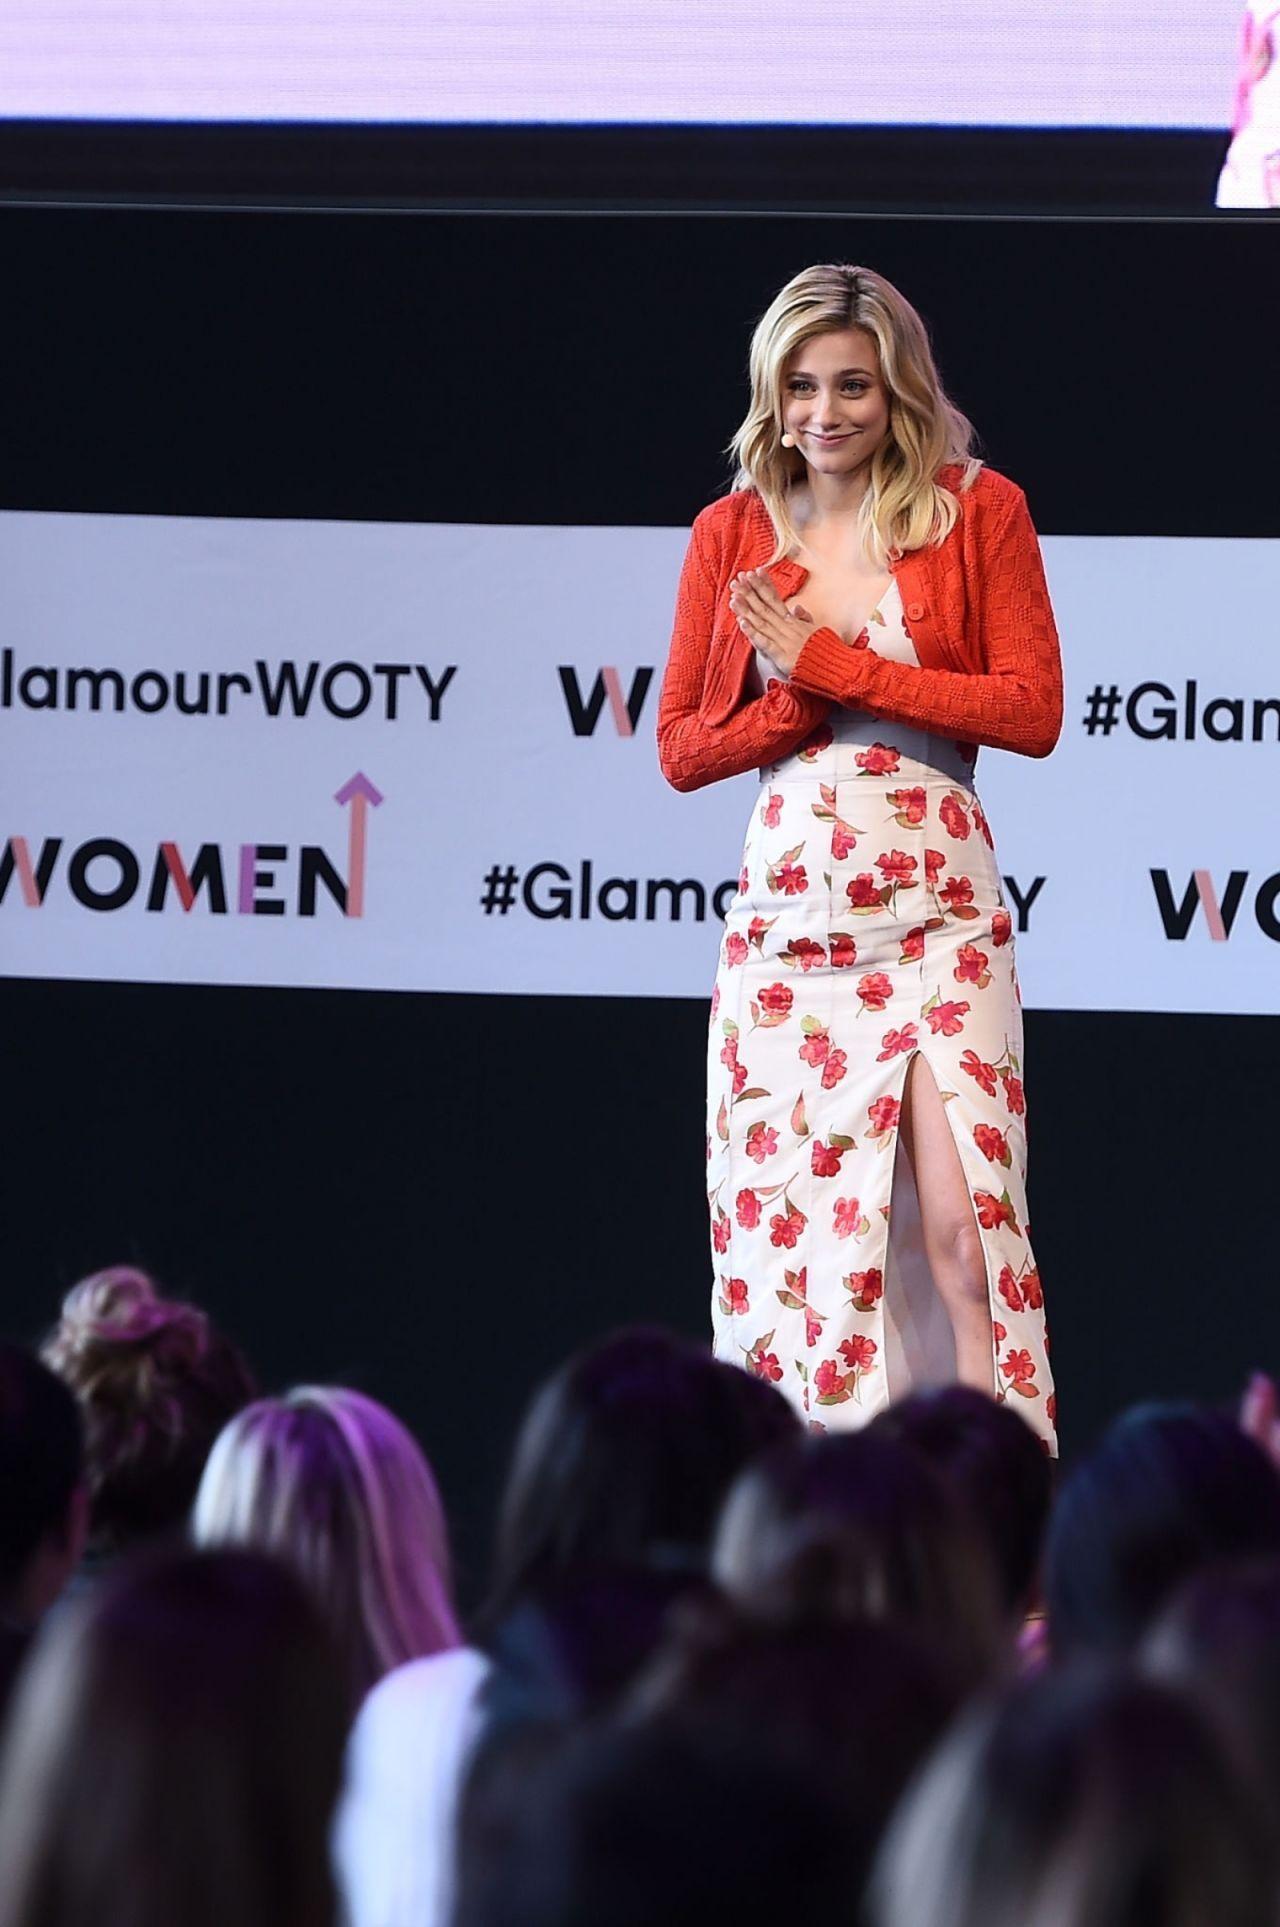 纽约件套lilireinhart睡衣长裙演讲美国某出席情趣碎花三透明女星图片